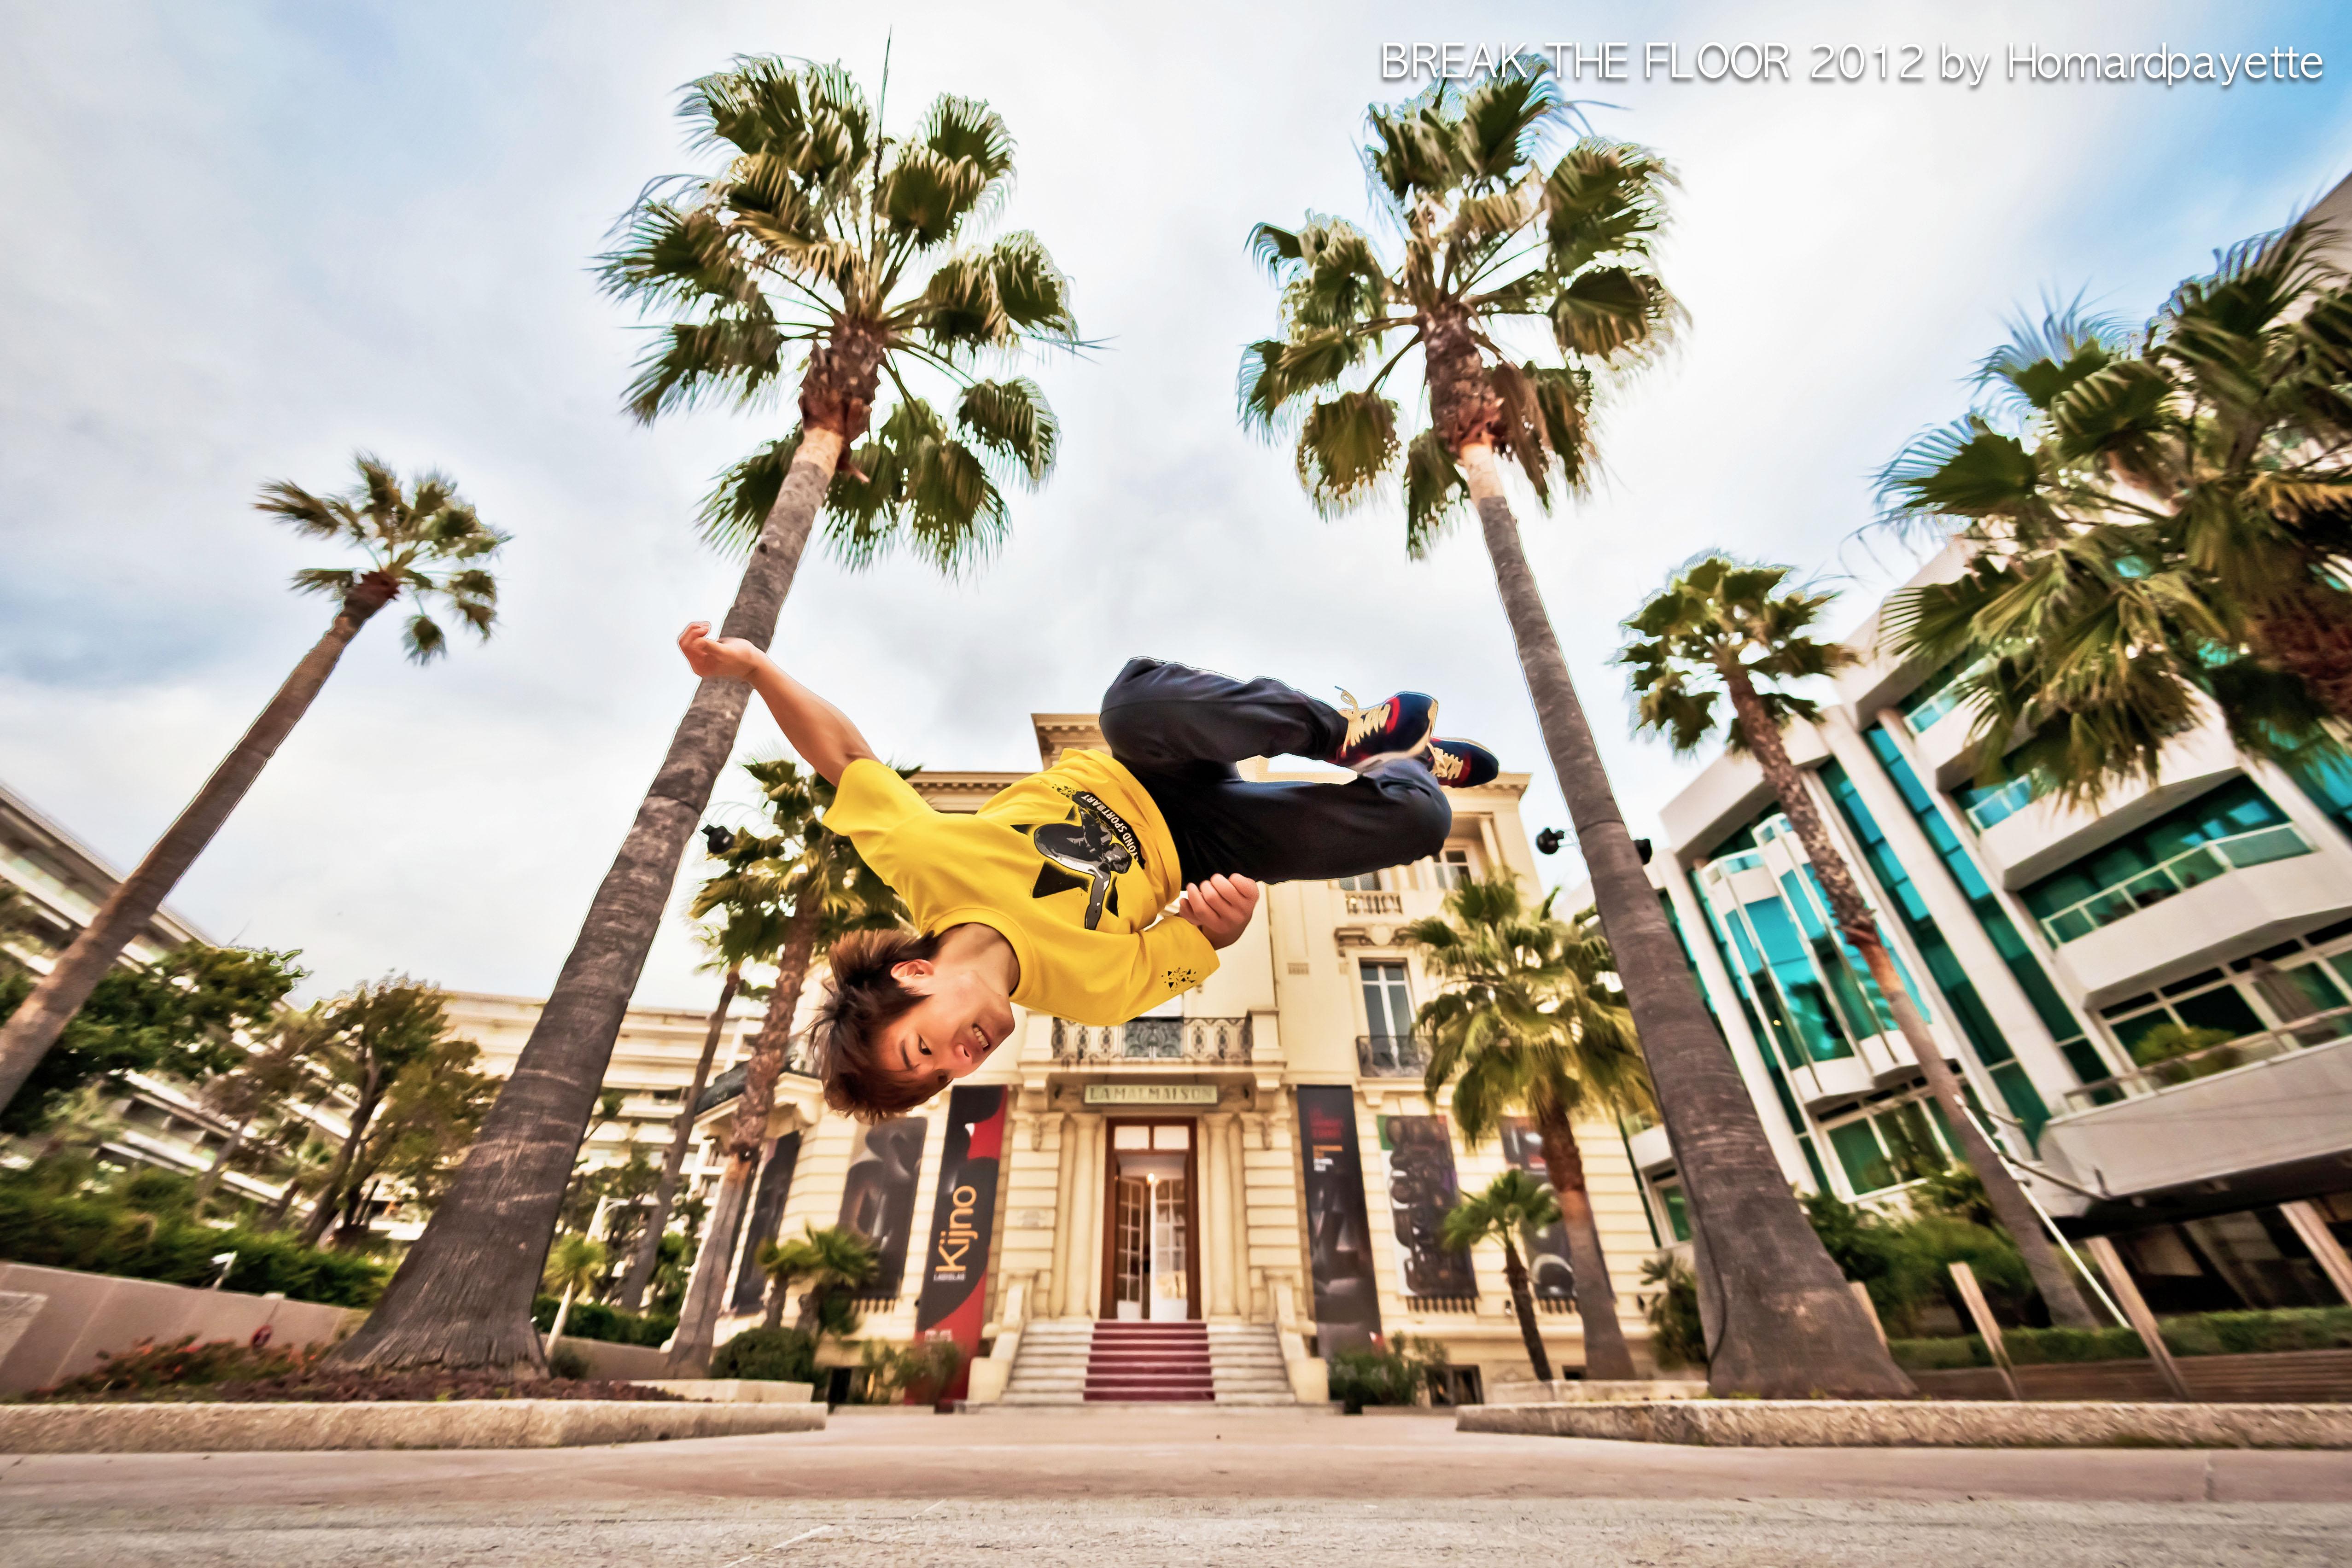 Break the floor 2012 jour 1.51